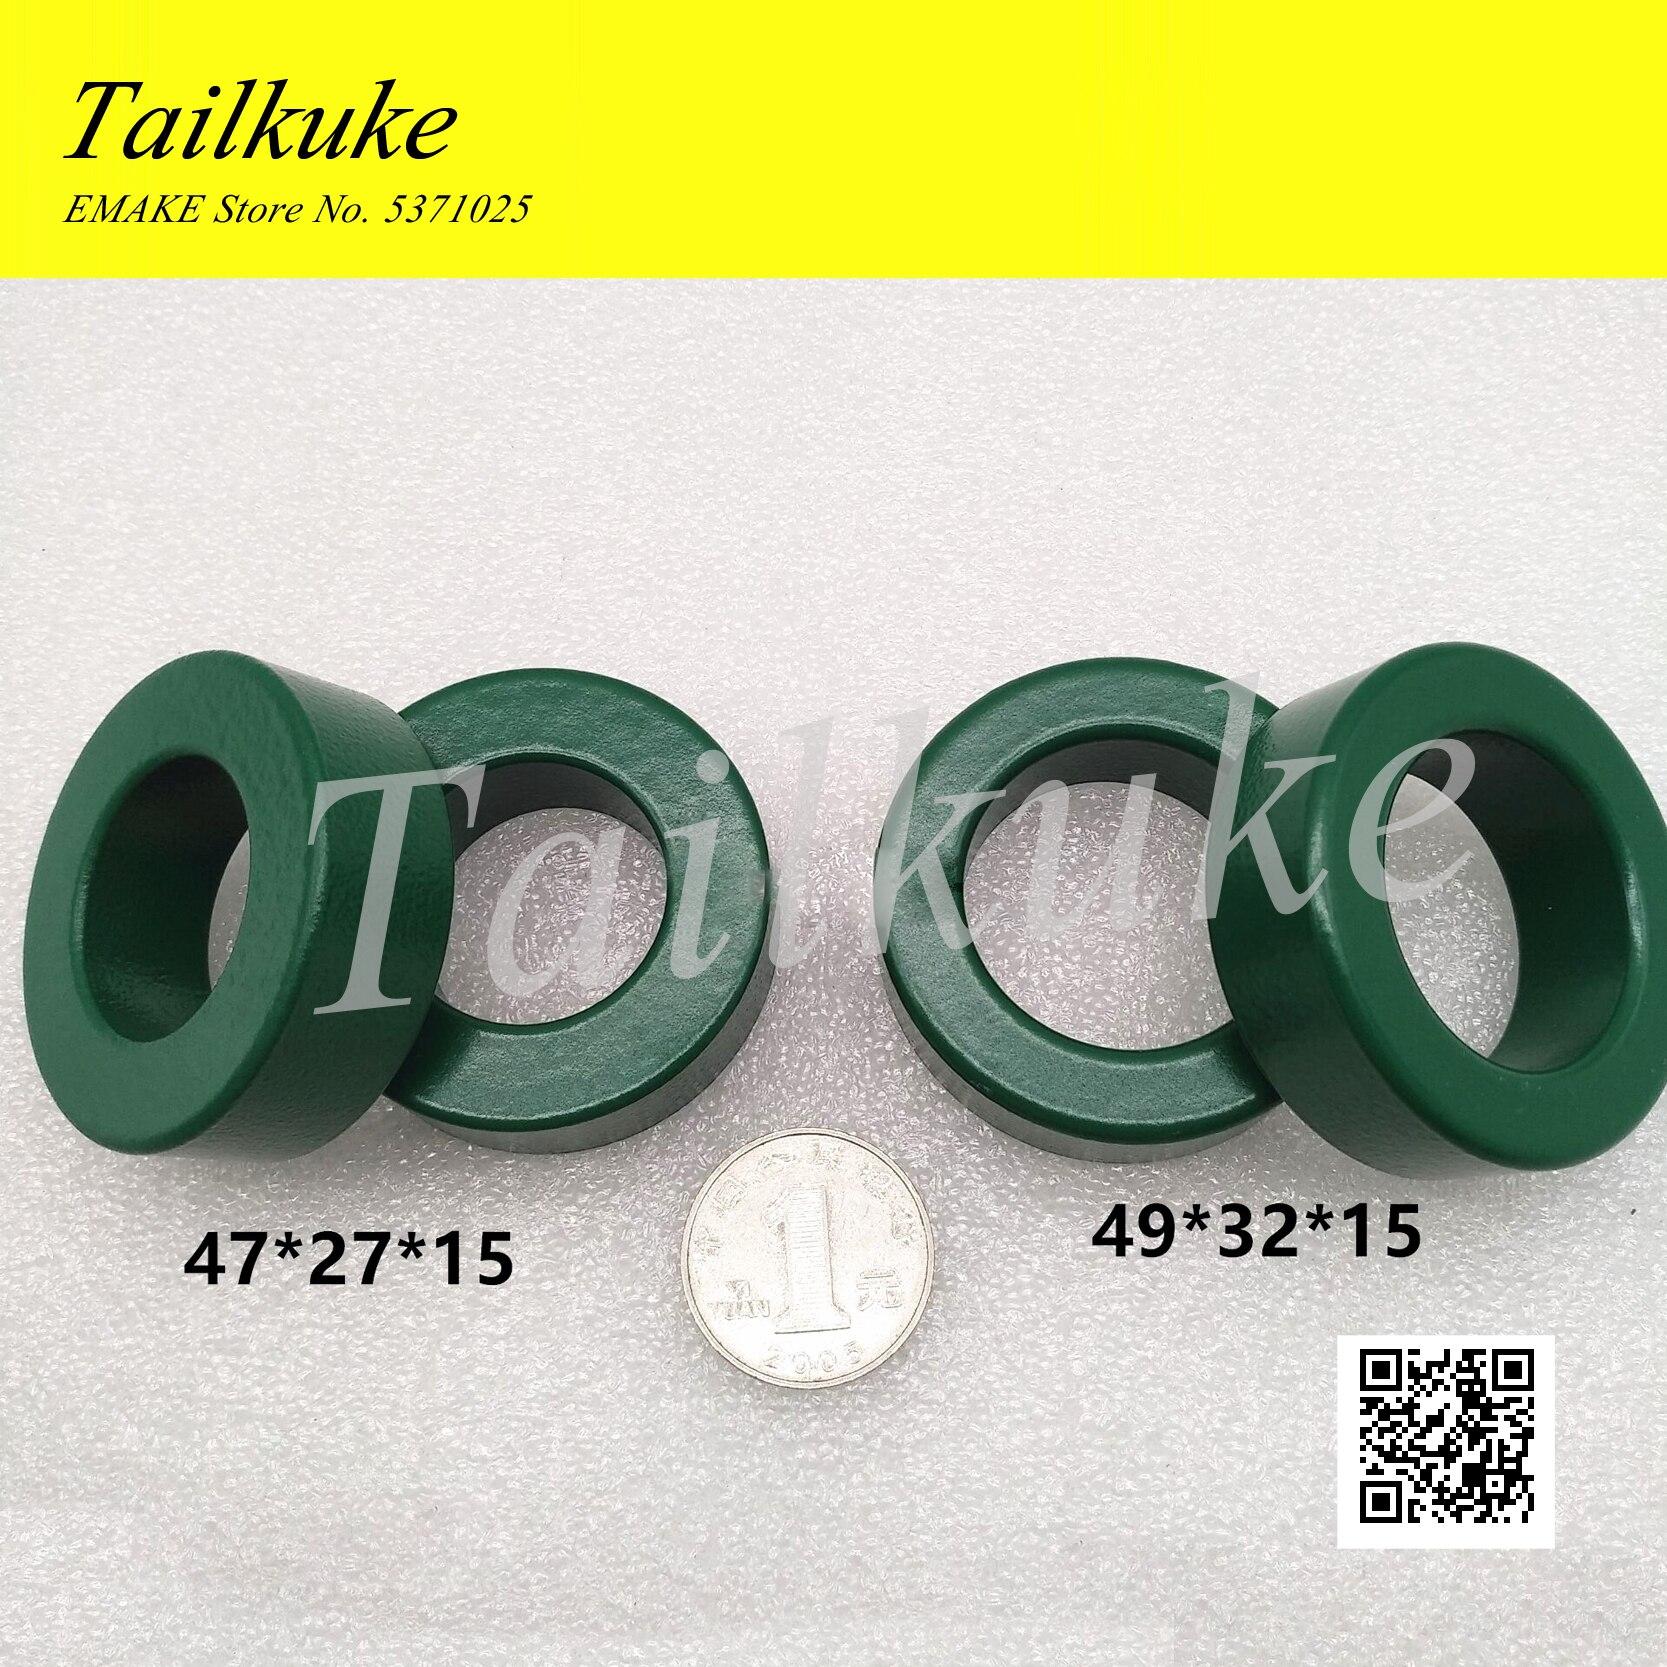 Manganeso de Zinc magnético de ferrita anillo * 47*27*15/49*32*15 Filtro Anti-interferencia Anillo Verde PC40 Material